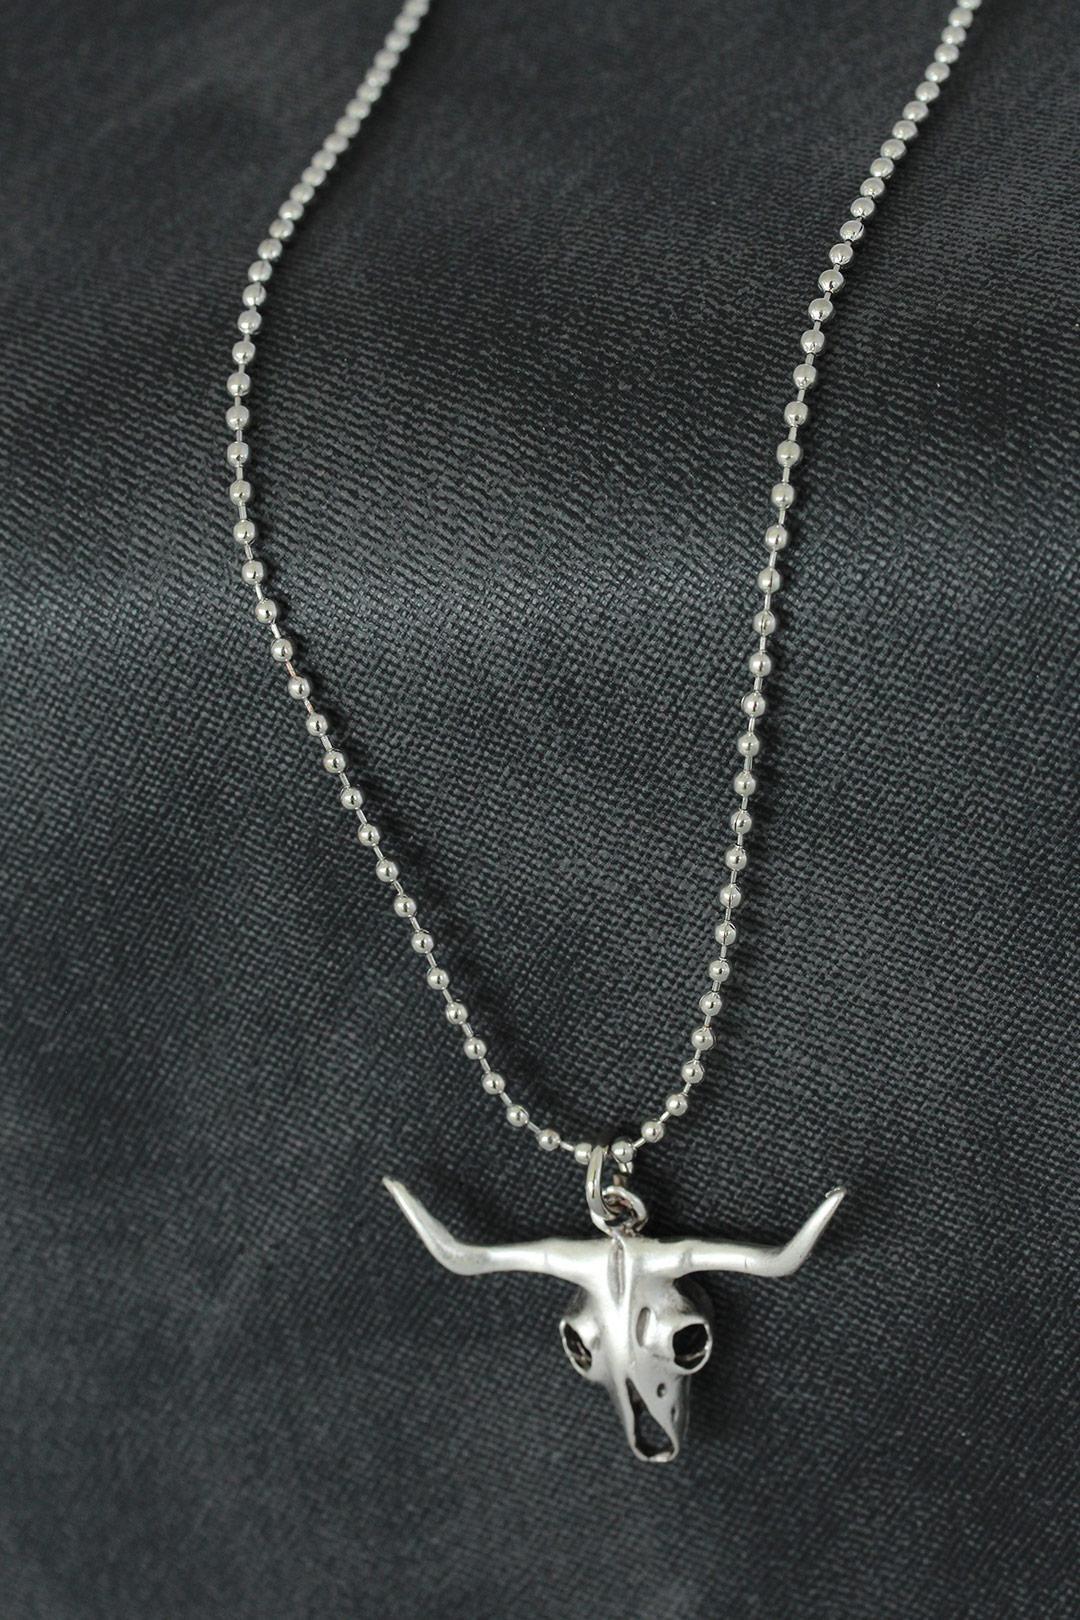 Öküz Kafatası Tasarımlı Metal Erkek Kolye